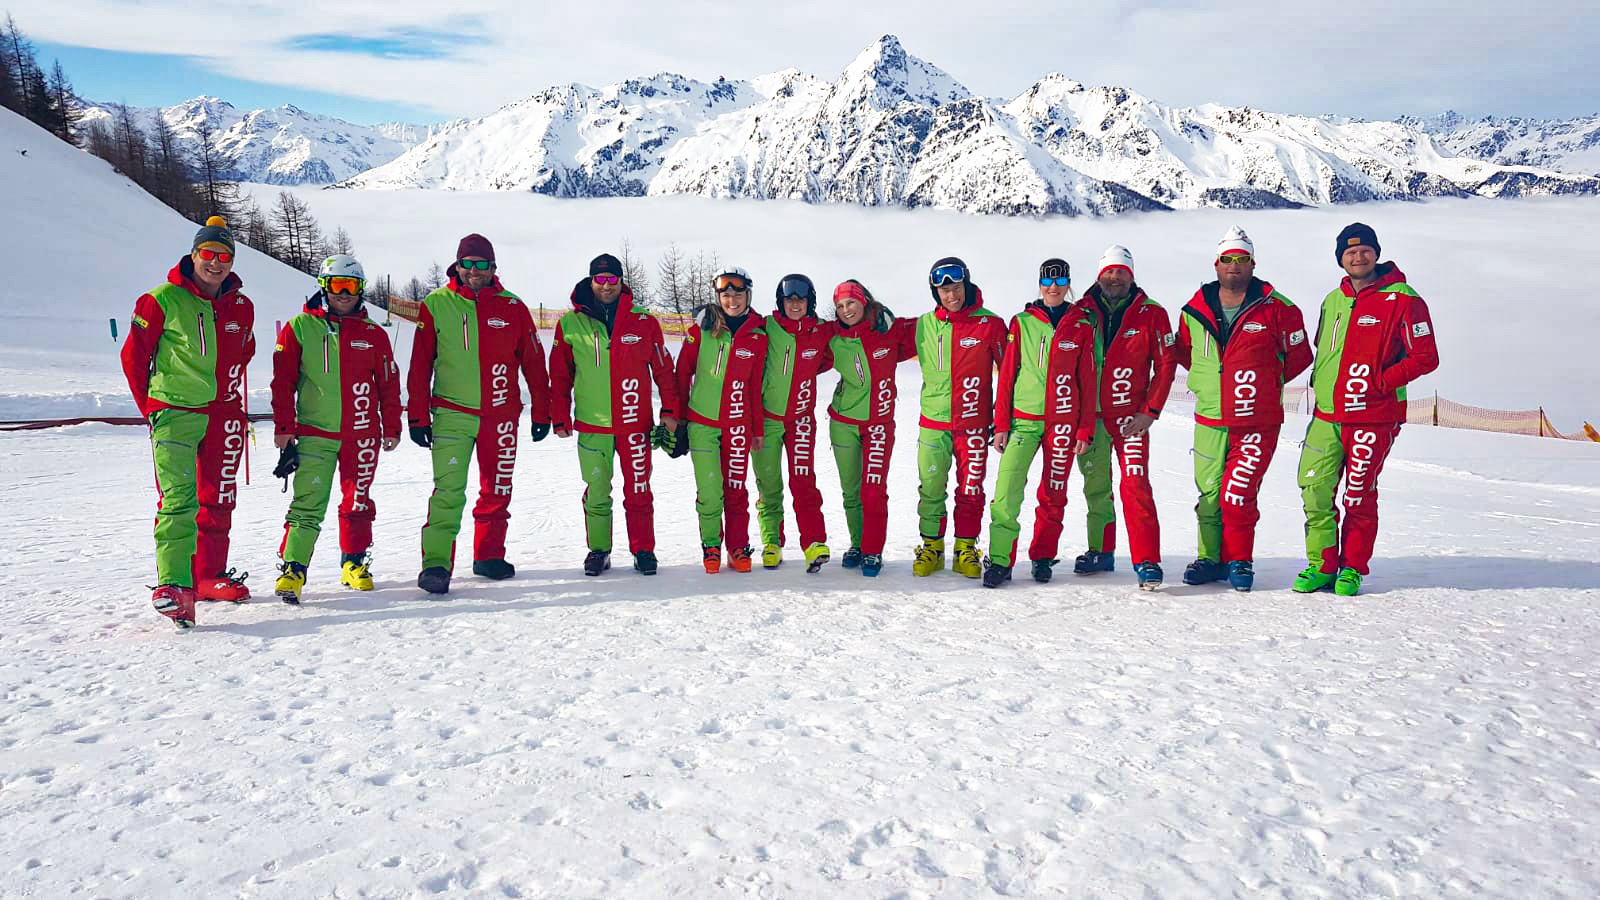 n der Skischule Matrei/Goldried sind Sie auf jeden Fall richtig | Bild www.schischulematrei.at